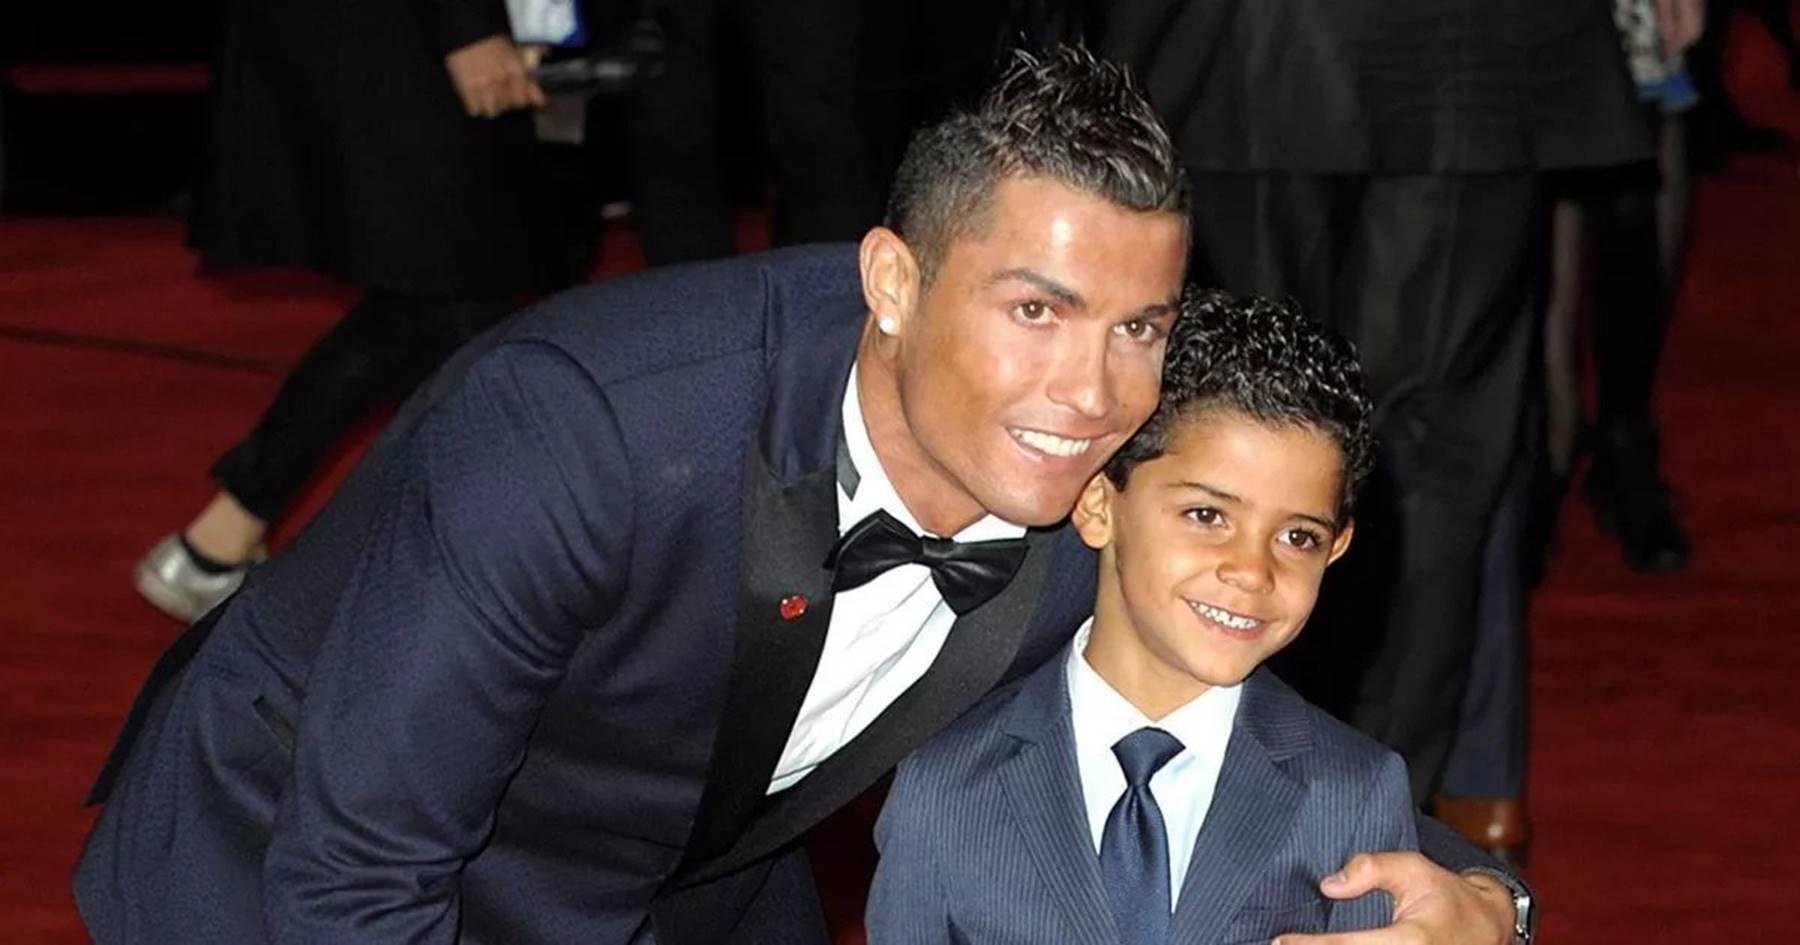 Ông bố Ronaldo nổi tiếng đào hoa, sát gái nhưng dạy con lại vô cùng chỉn chu và đáng ngưỡng mộ-2